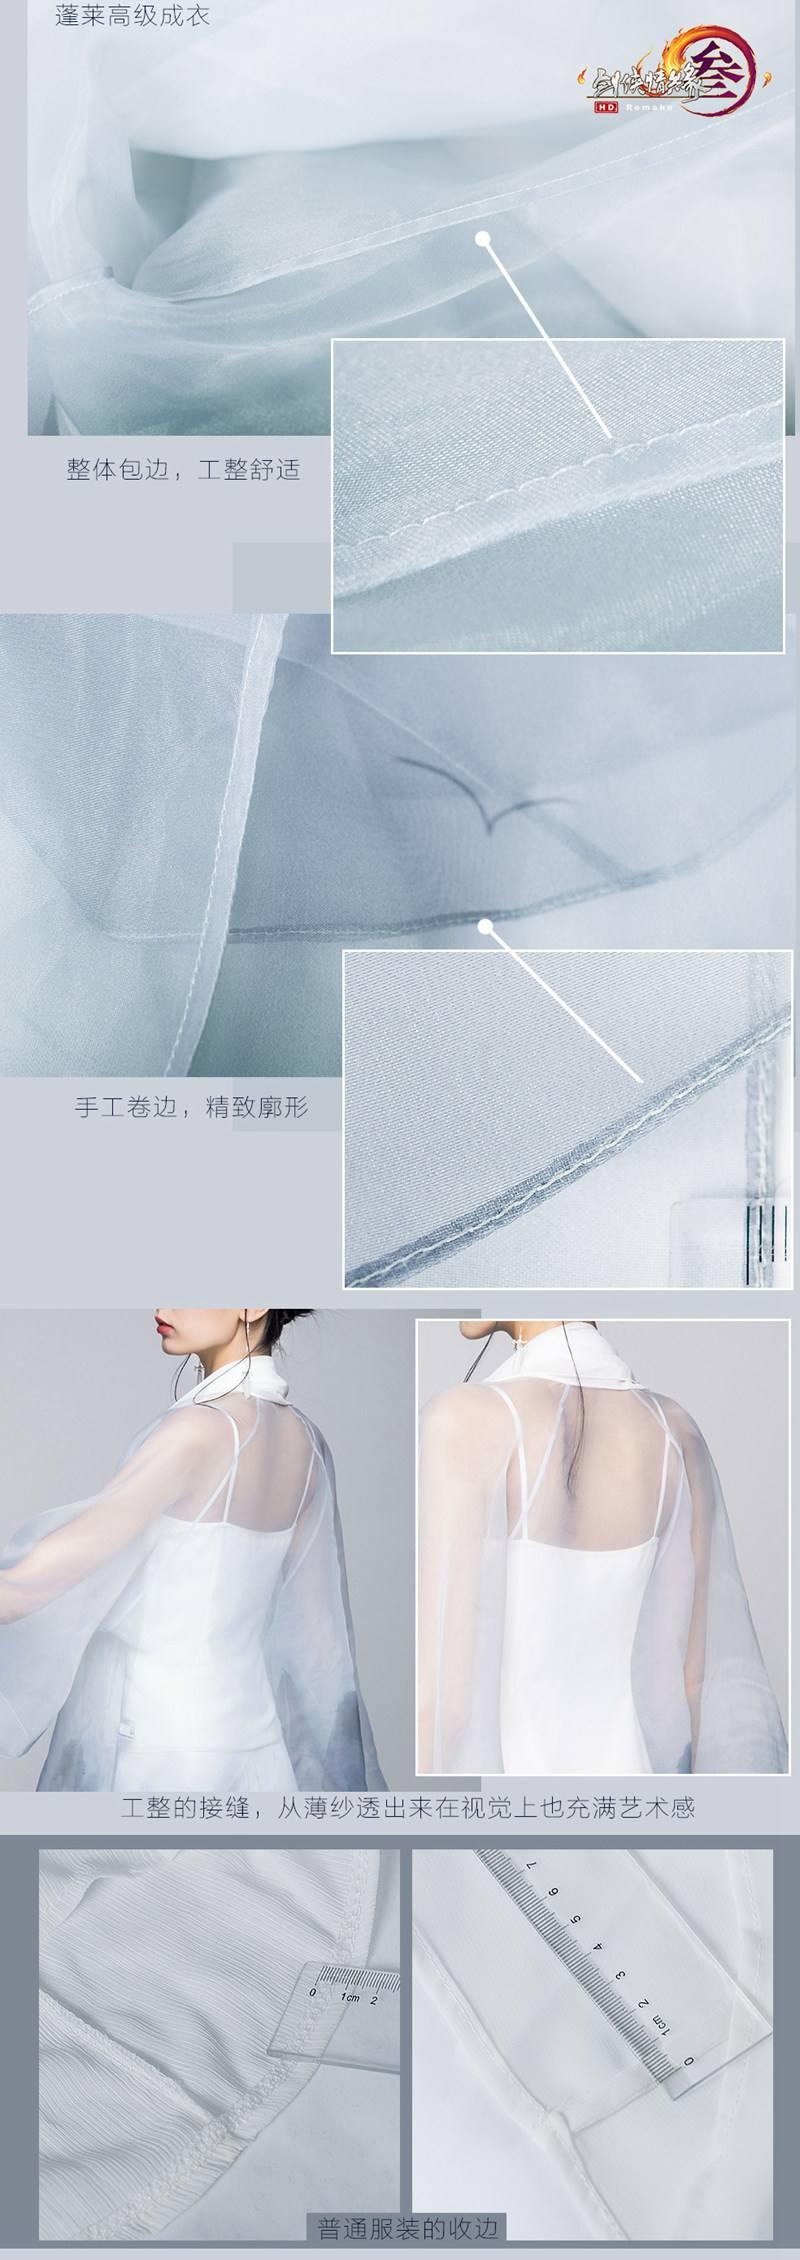 """《剑网3》携手盖娅传说 联名款""""蓬莱""""高级成衣"""